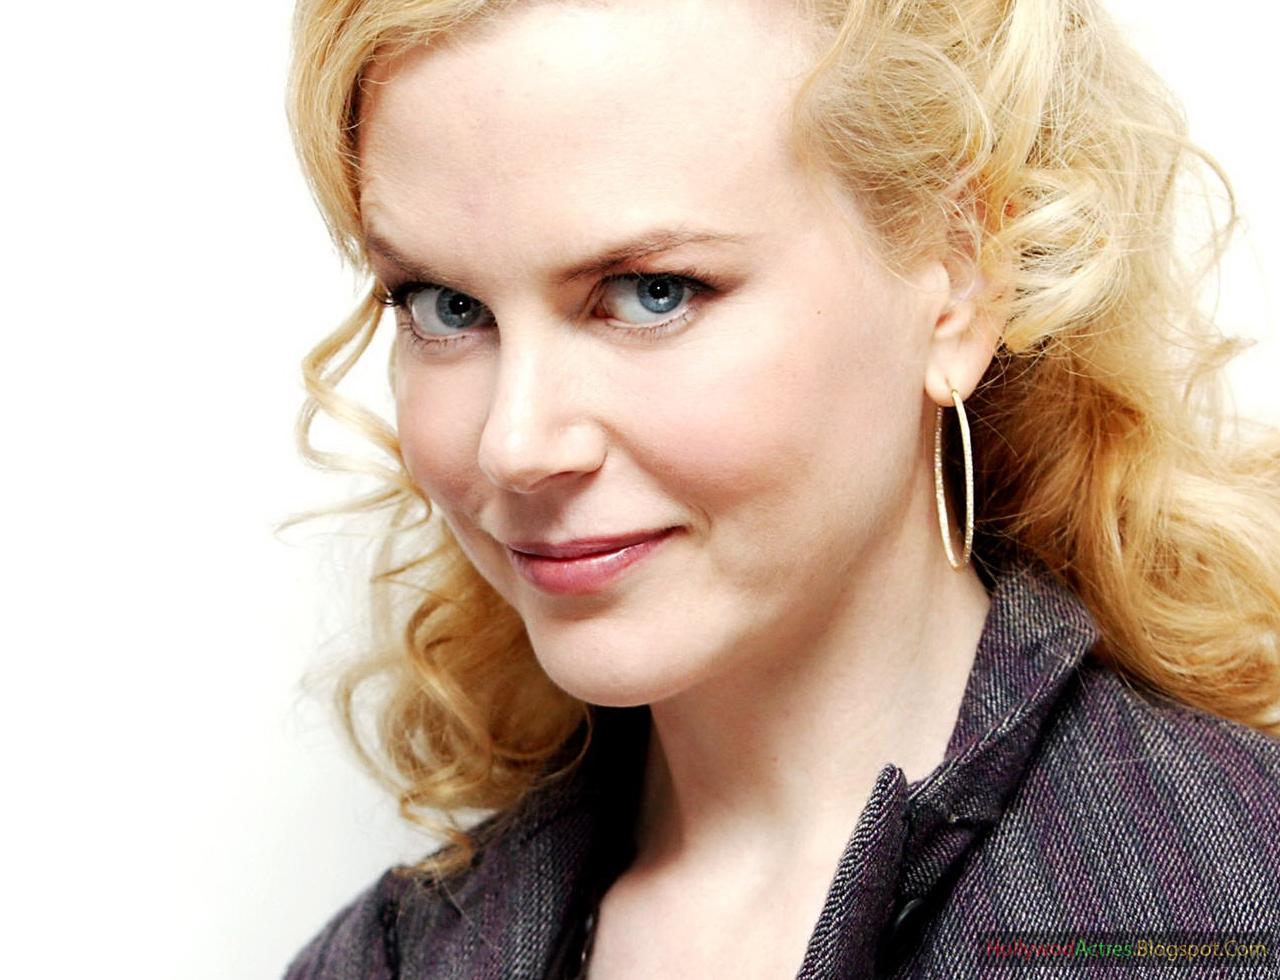 http://3.bp.blogspot.com/-O37f9rTY-Oo/UQyqP-GOKZI/AAAAAAAAJtI/nNWo0xzznx4/s1600/Nicole+Kidman+10.jpg